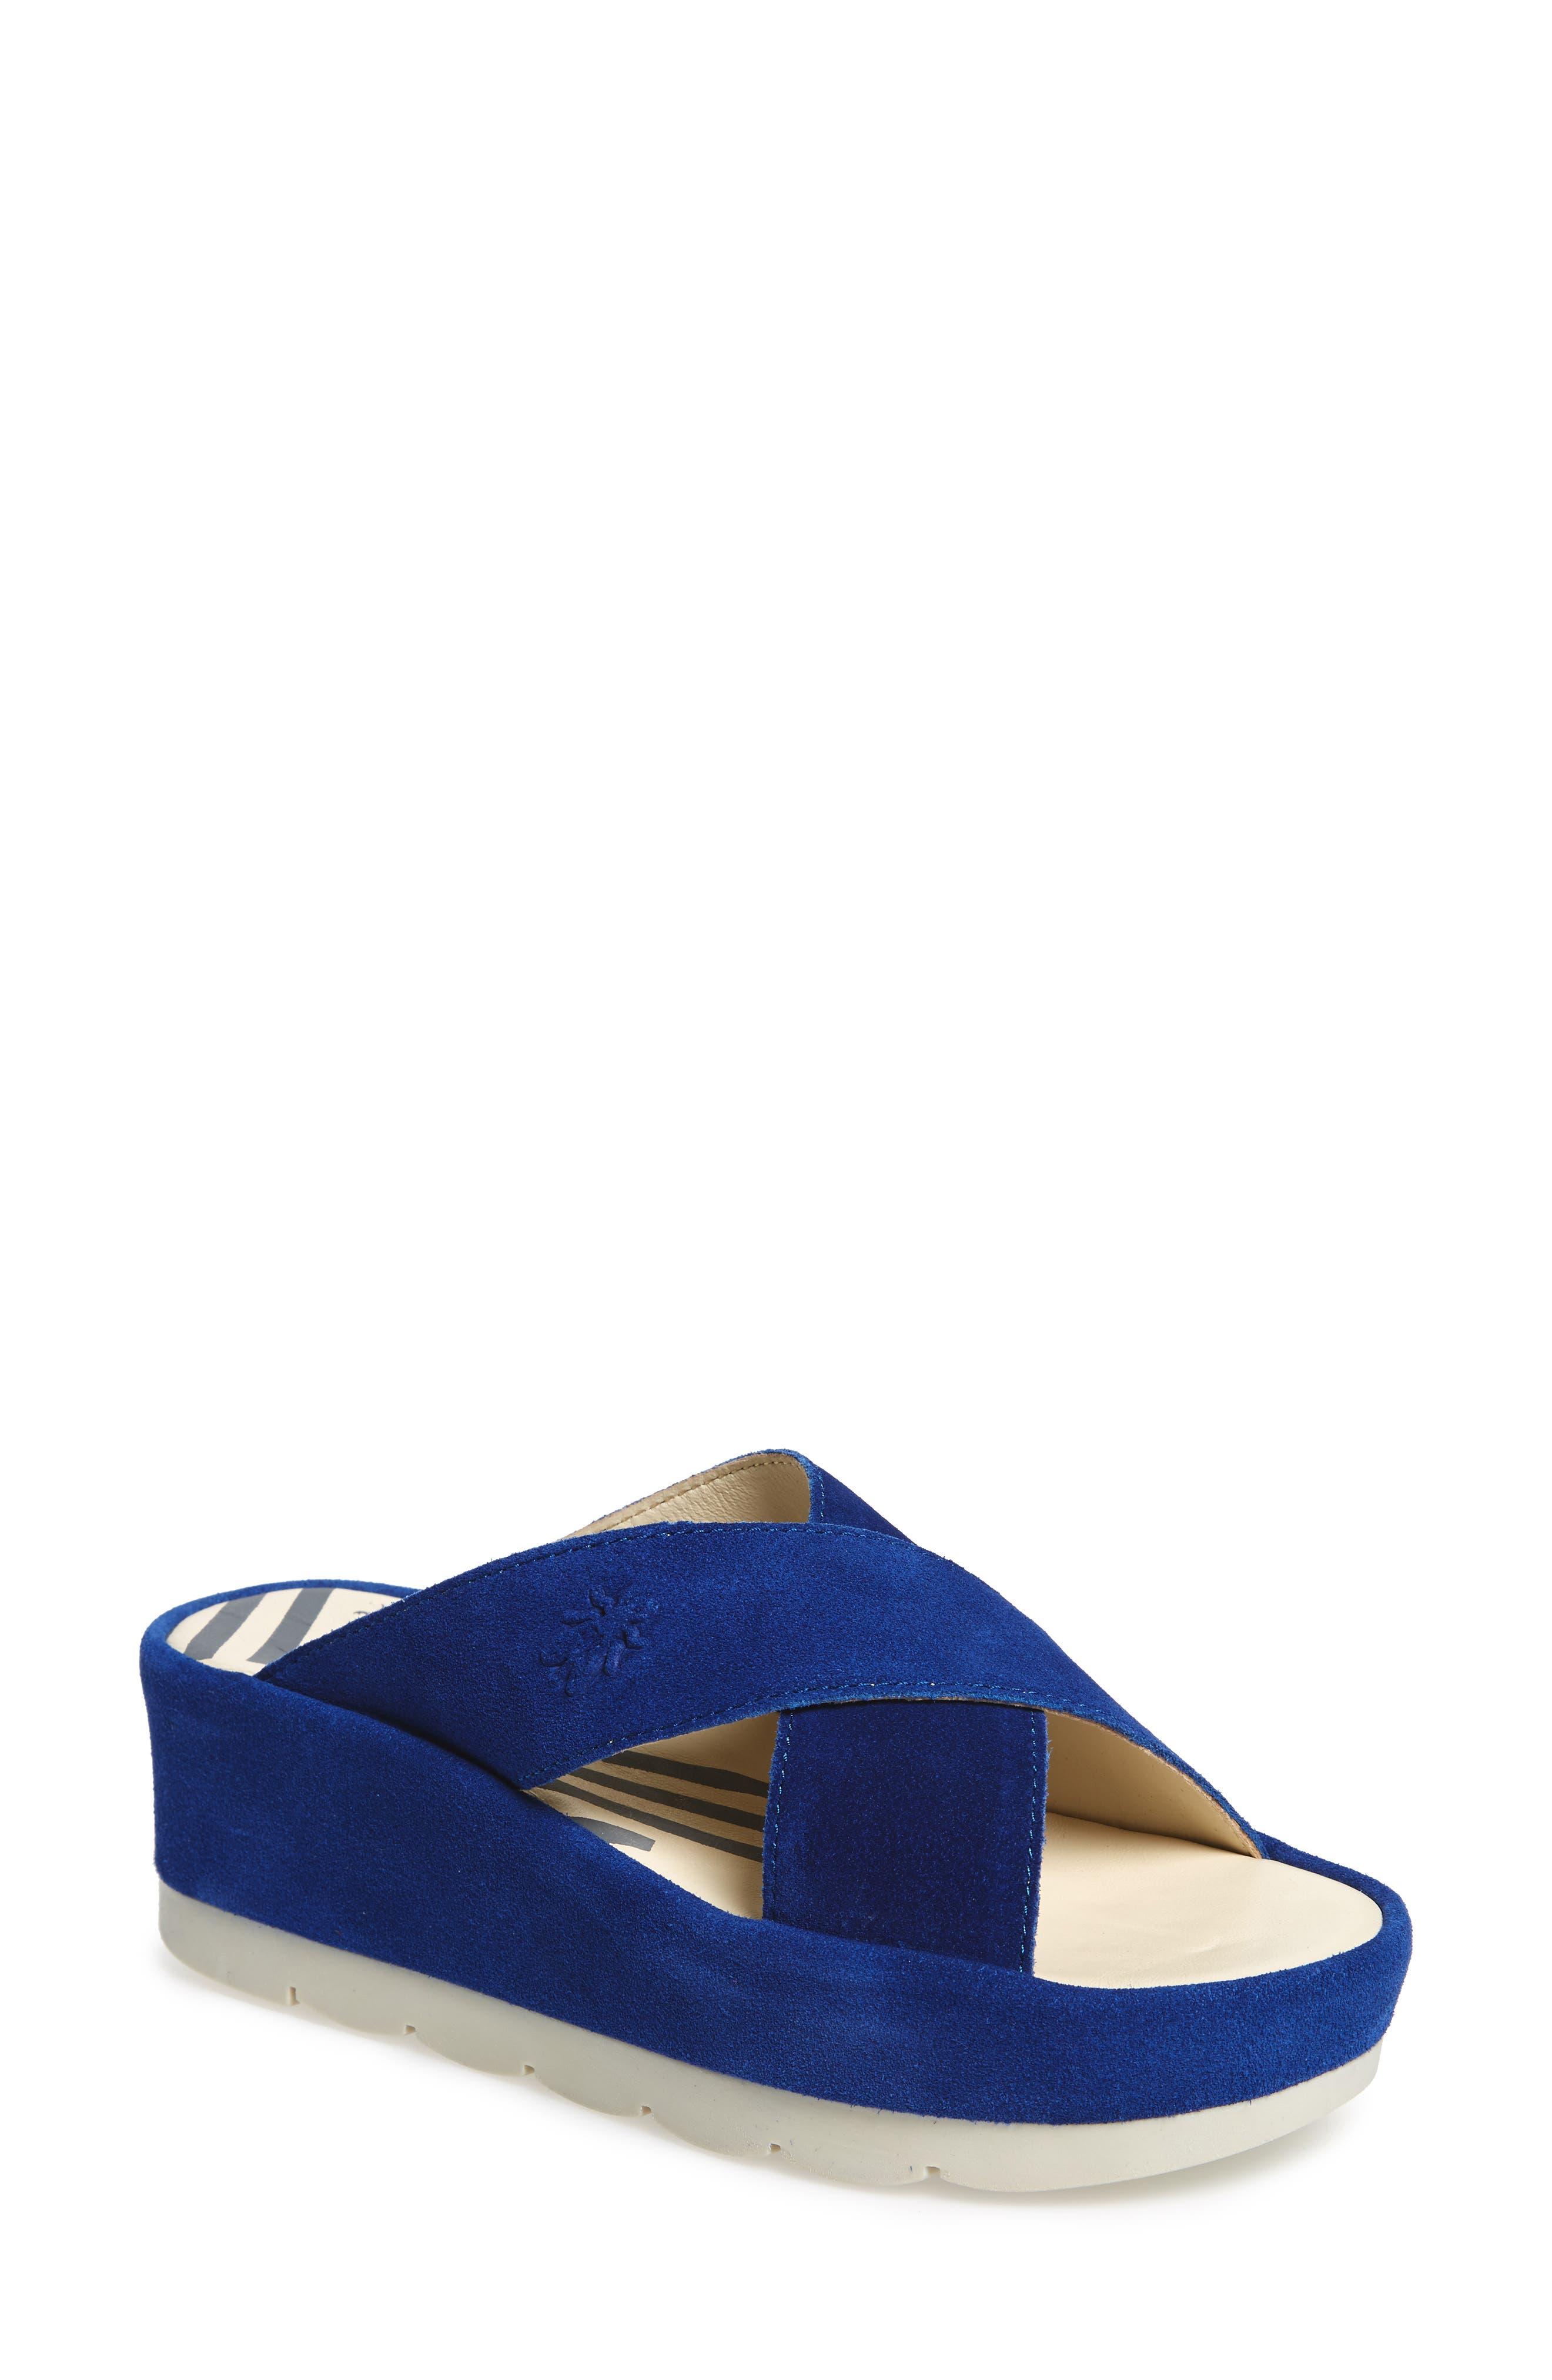 FLY LONDON Begs Platform Slide Sandal, Main, color, BLUE SUEDE